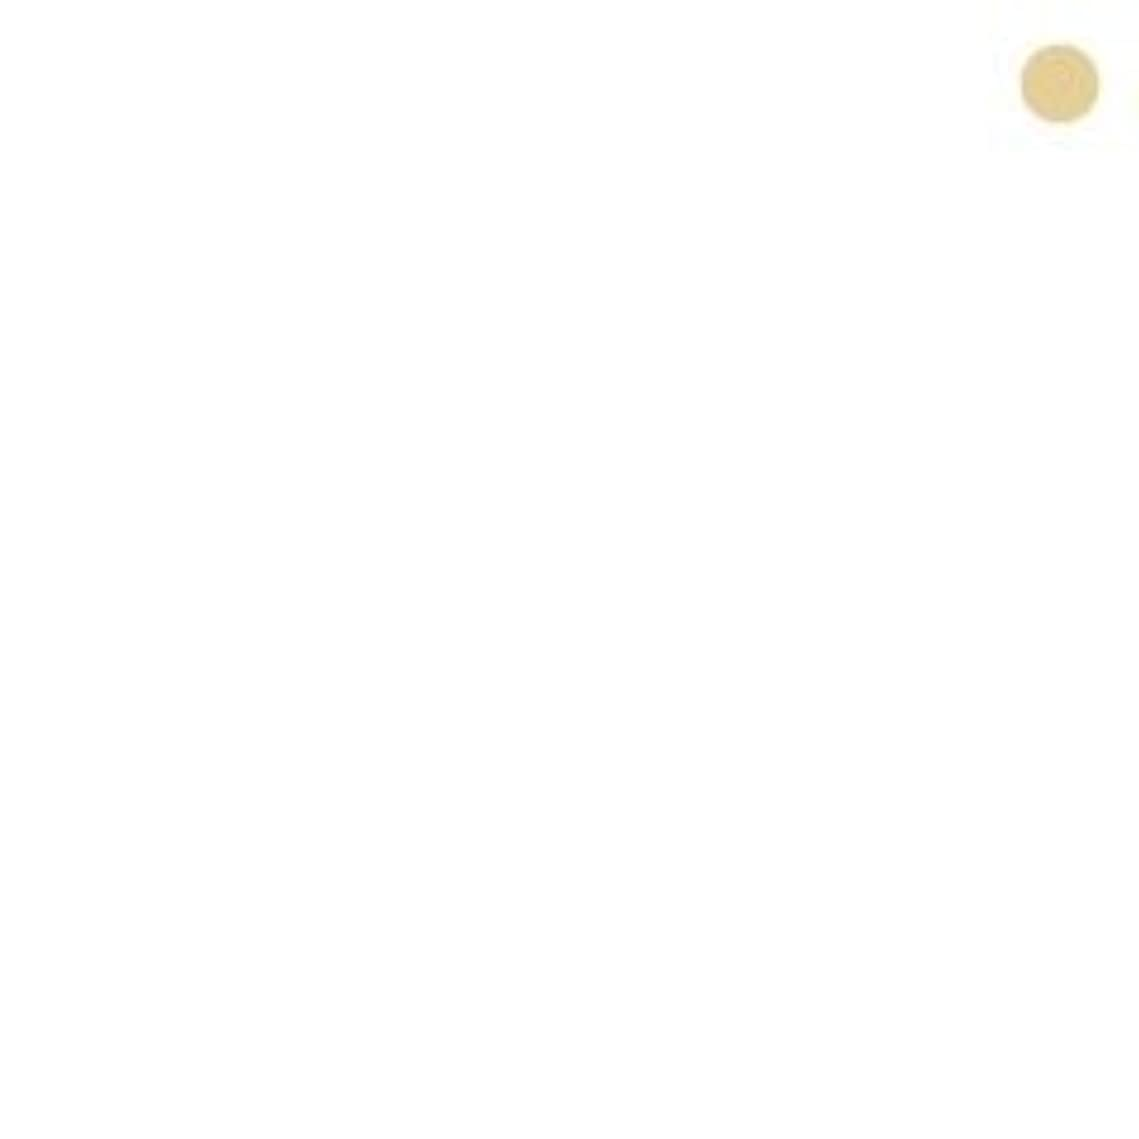 報酬アクティビティ城【カバーマーク】ジャスミーカラー パウダリーファンデーション #BP20 (レフィル)